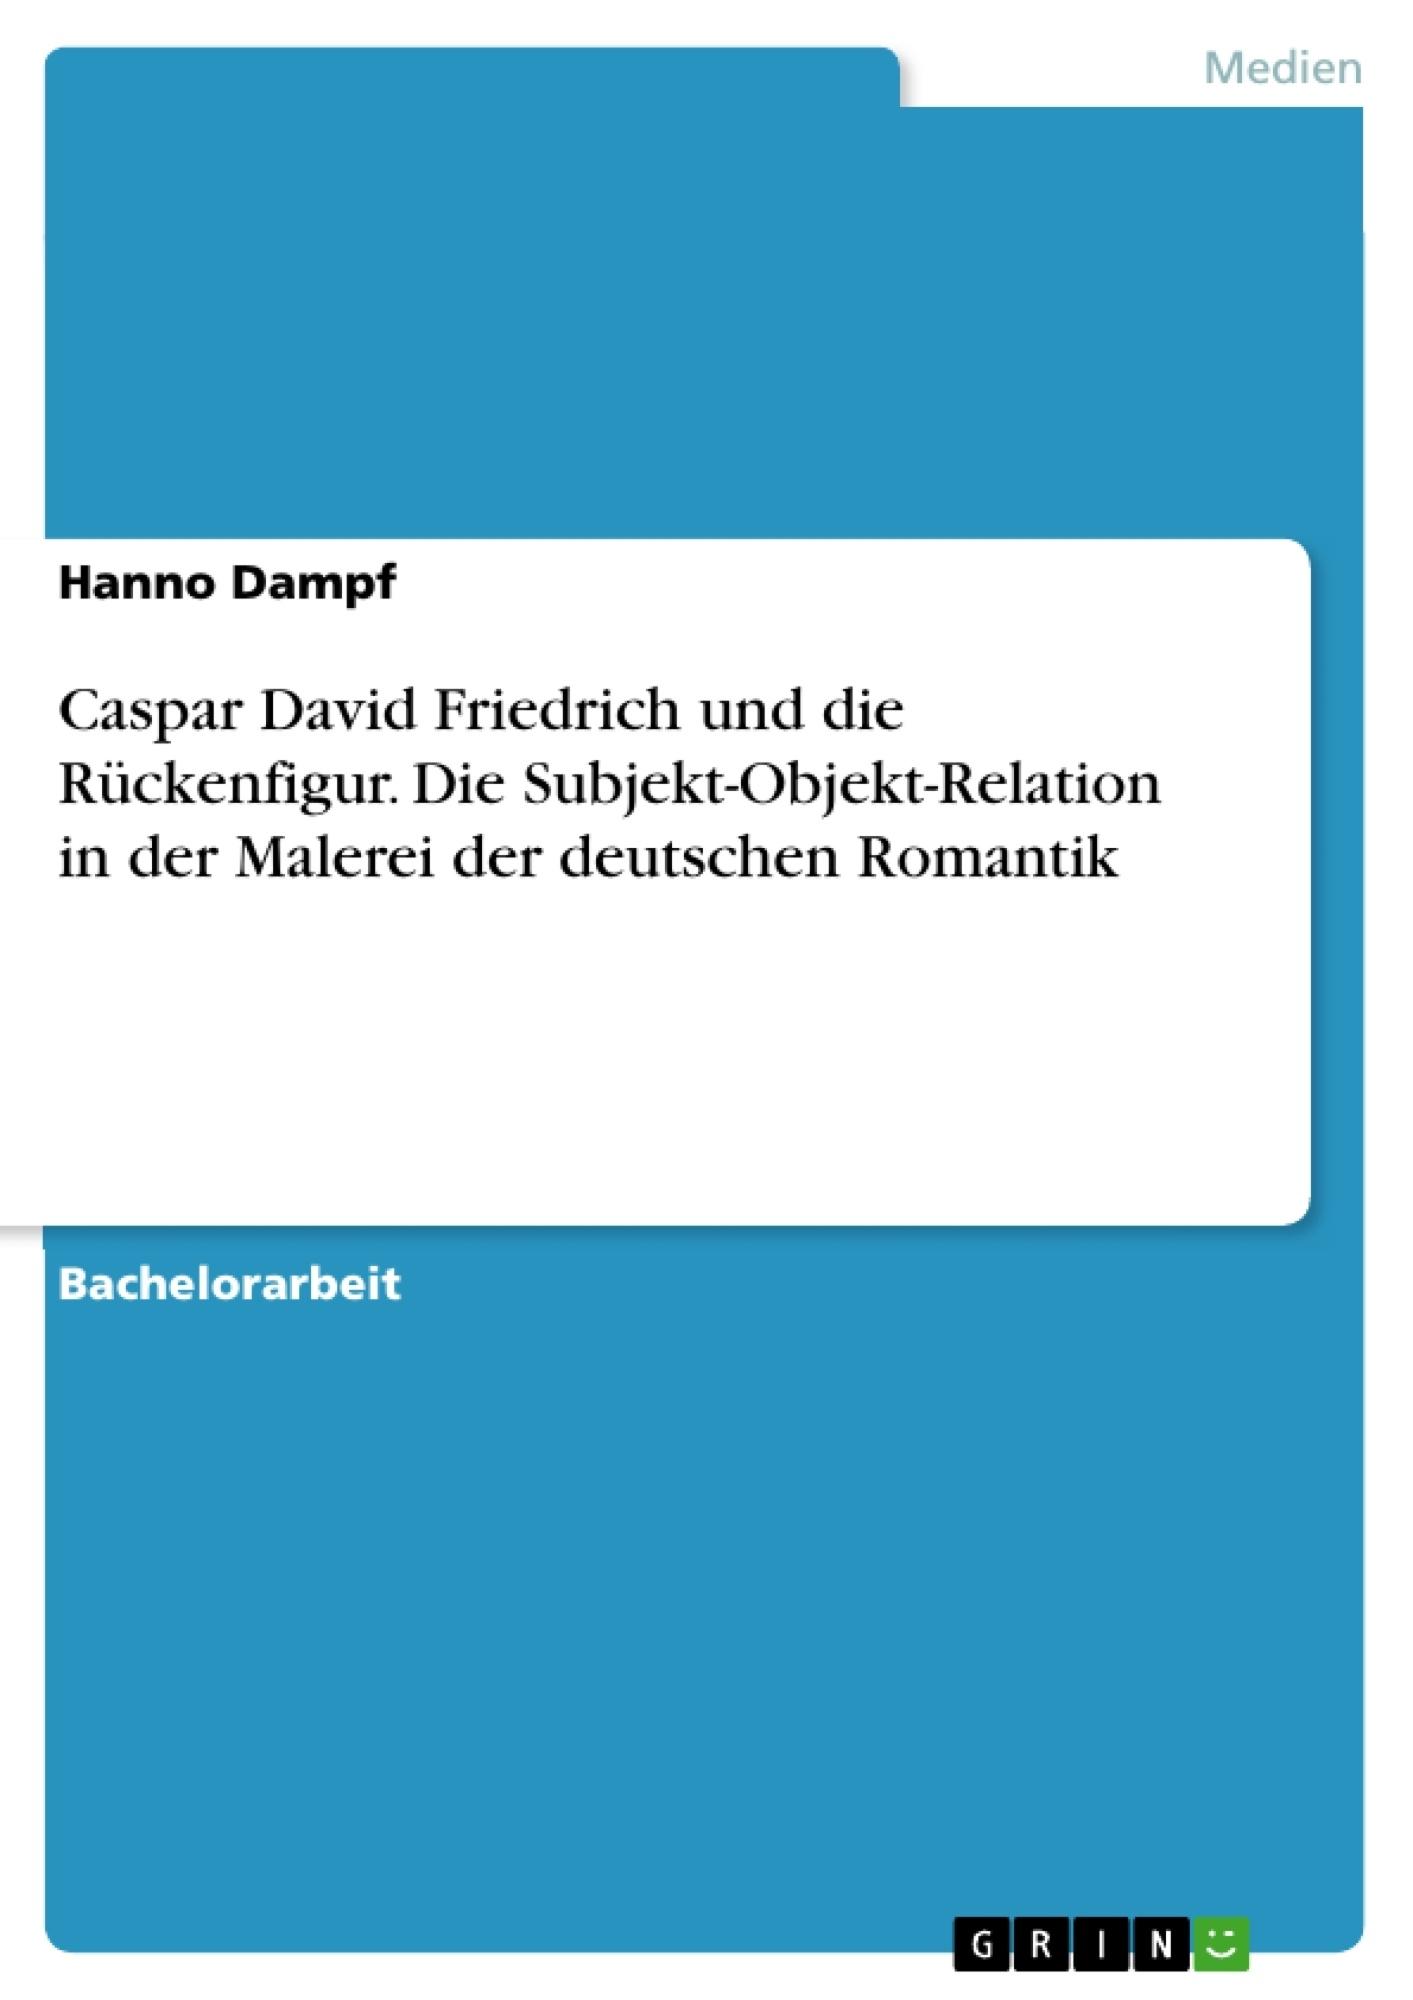 Titel: Caspar David Friedrich und die Rückenfigur. Die Subjekt-Objekt-Relation in der Malerei der deutschen Romantik